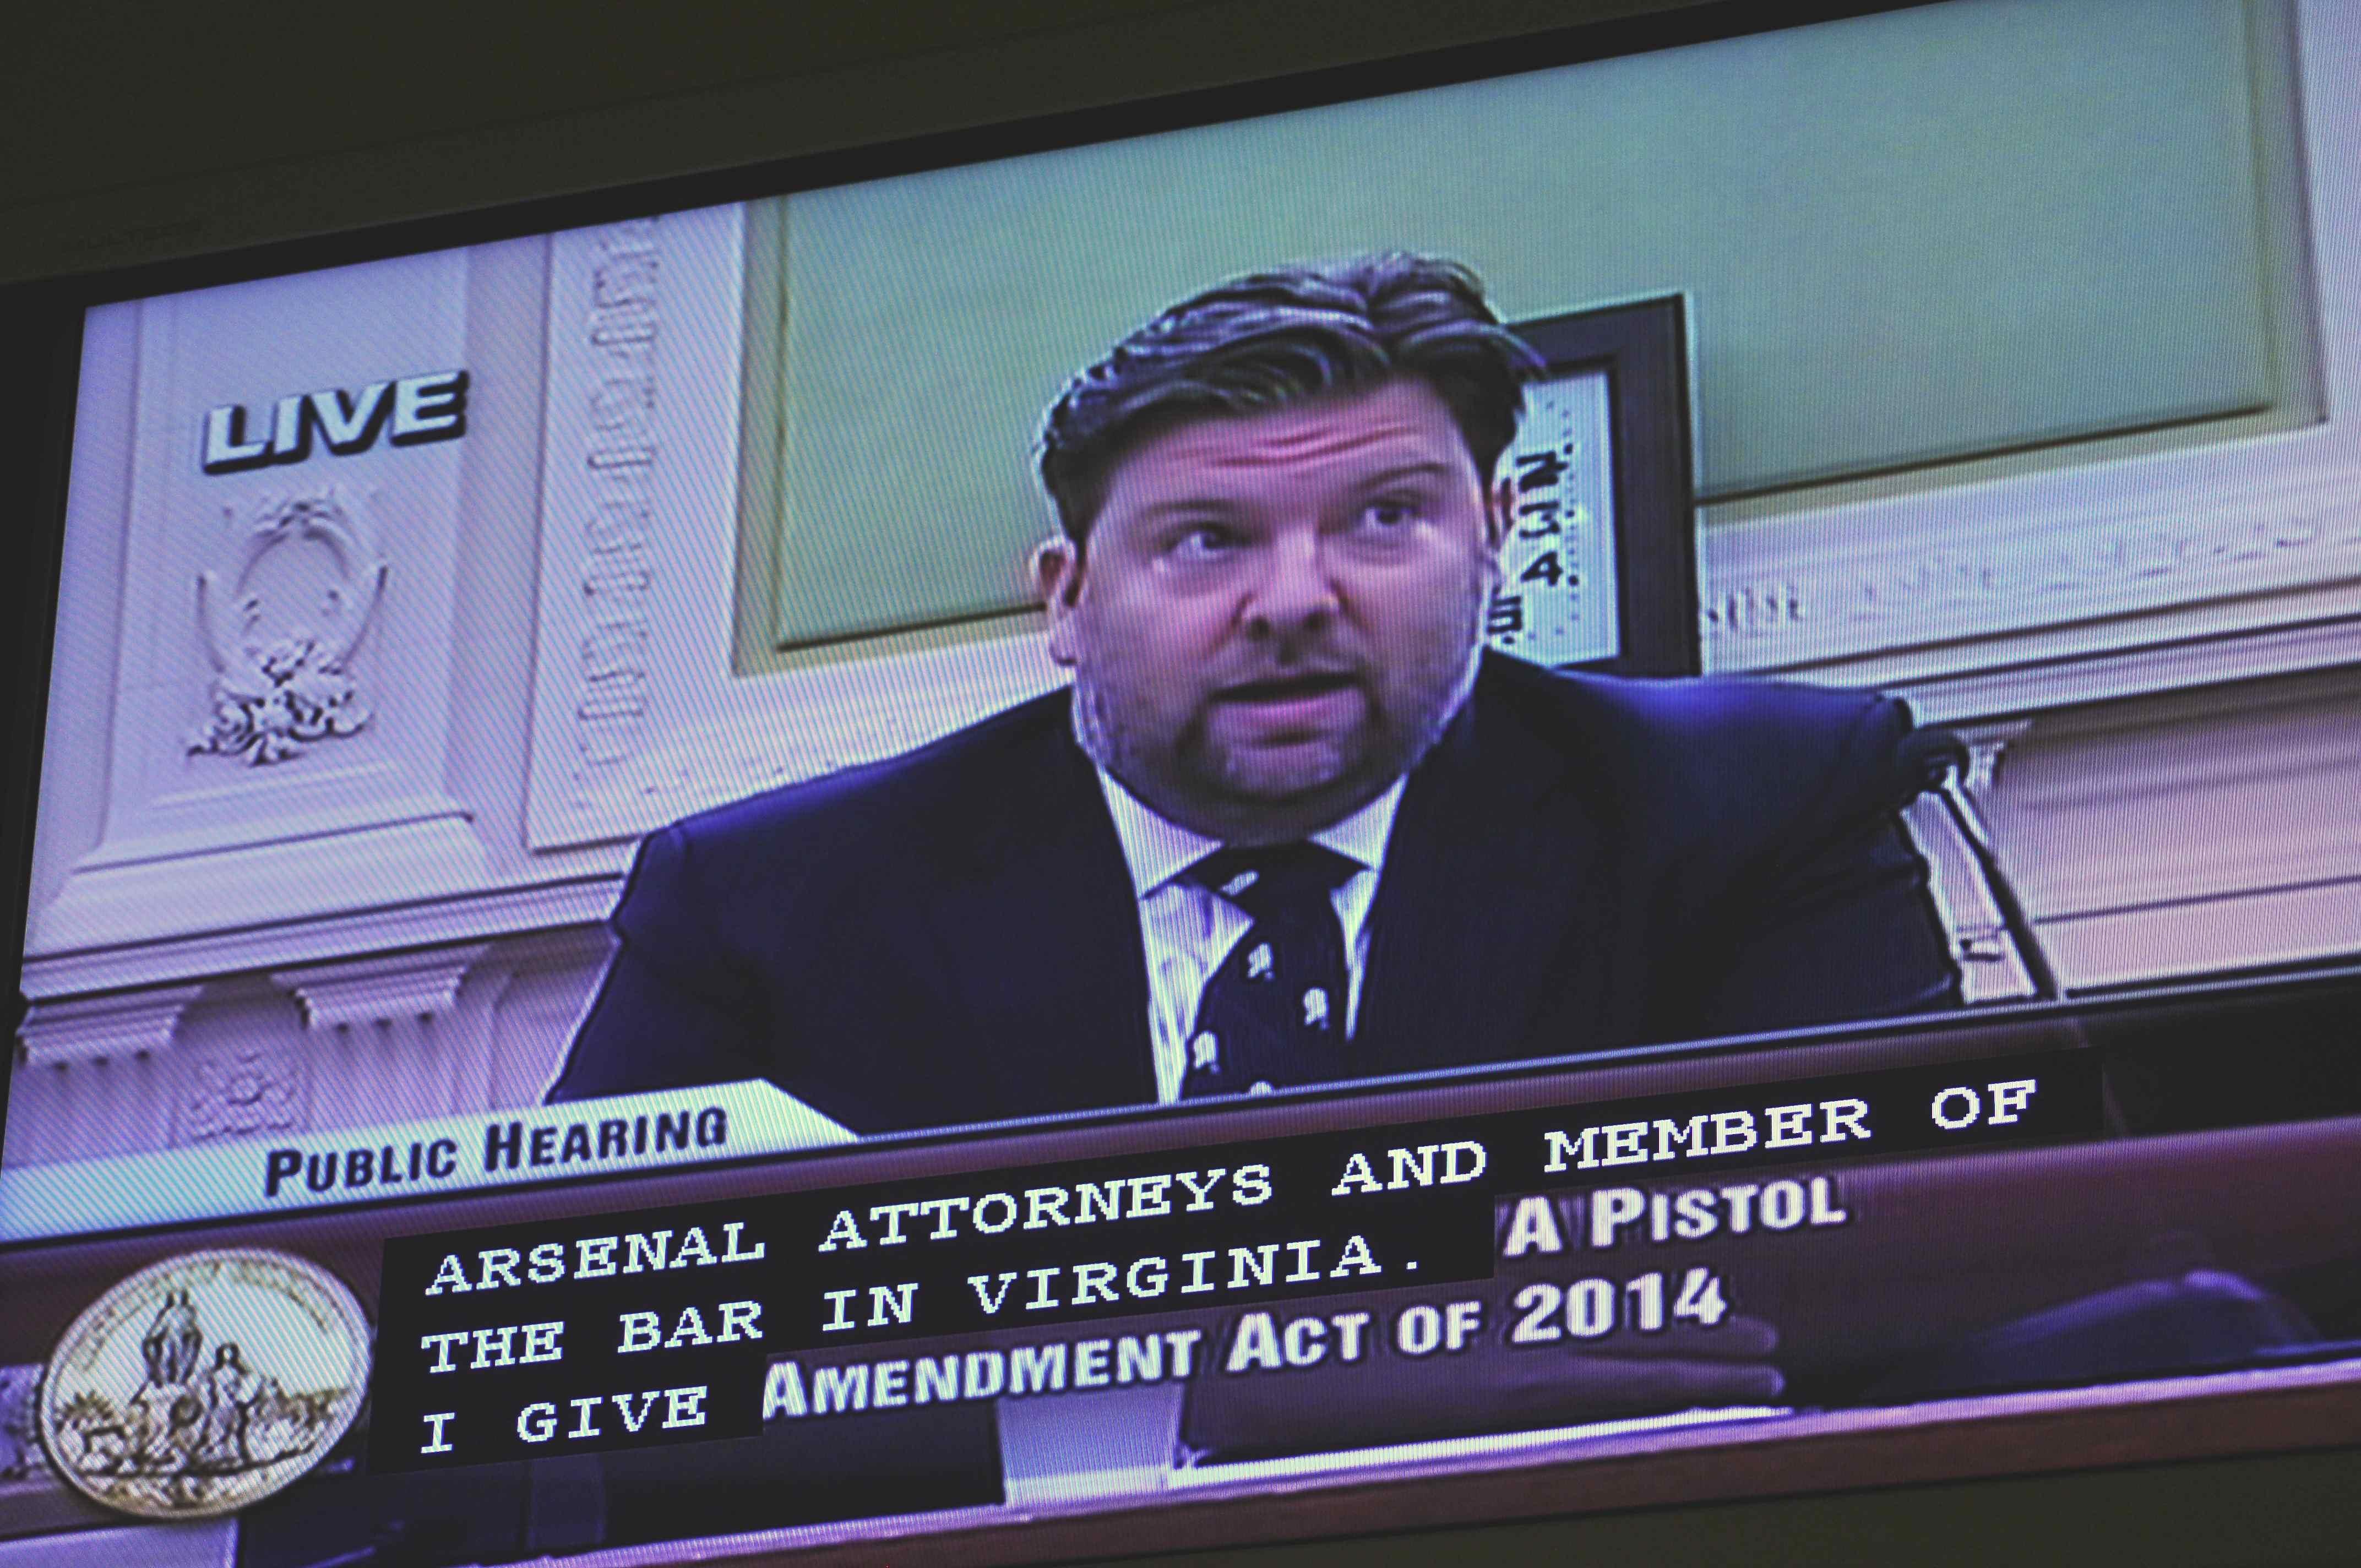 attorney resume  gun rights restoration attorney michigan